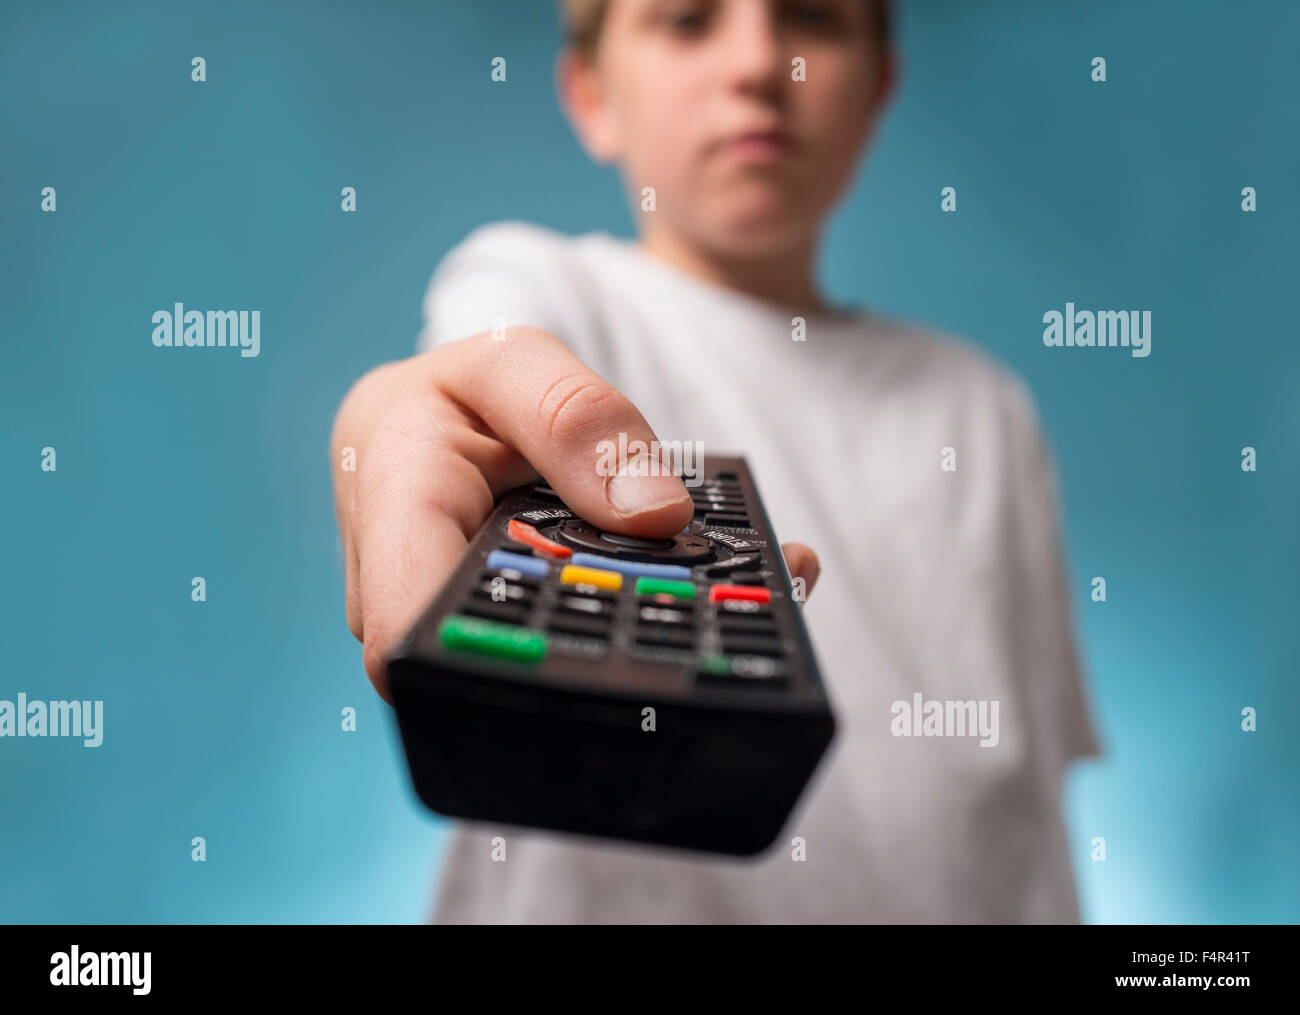 Un niño aburrido cambiar canales usando un control remoto de TV Imagen De Stock